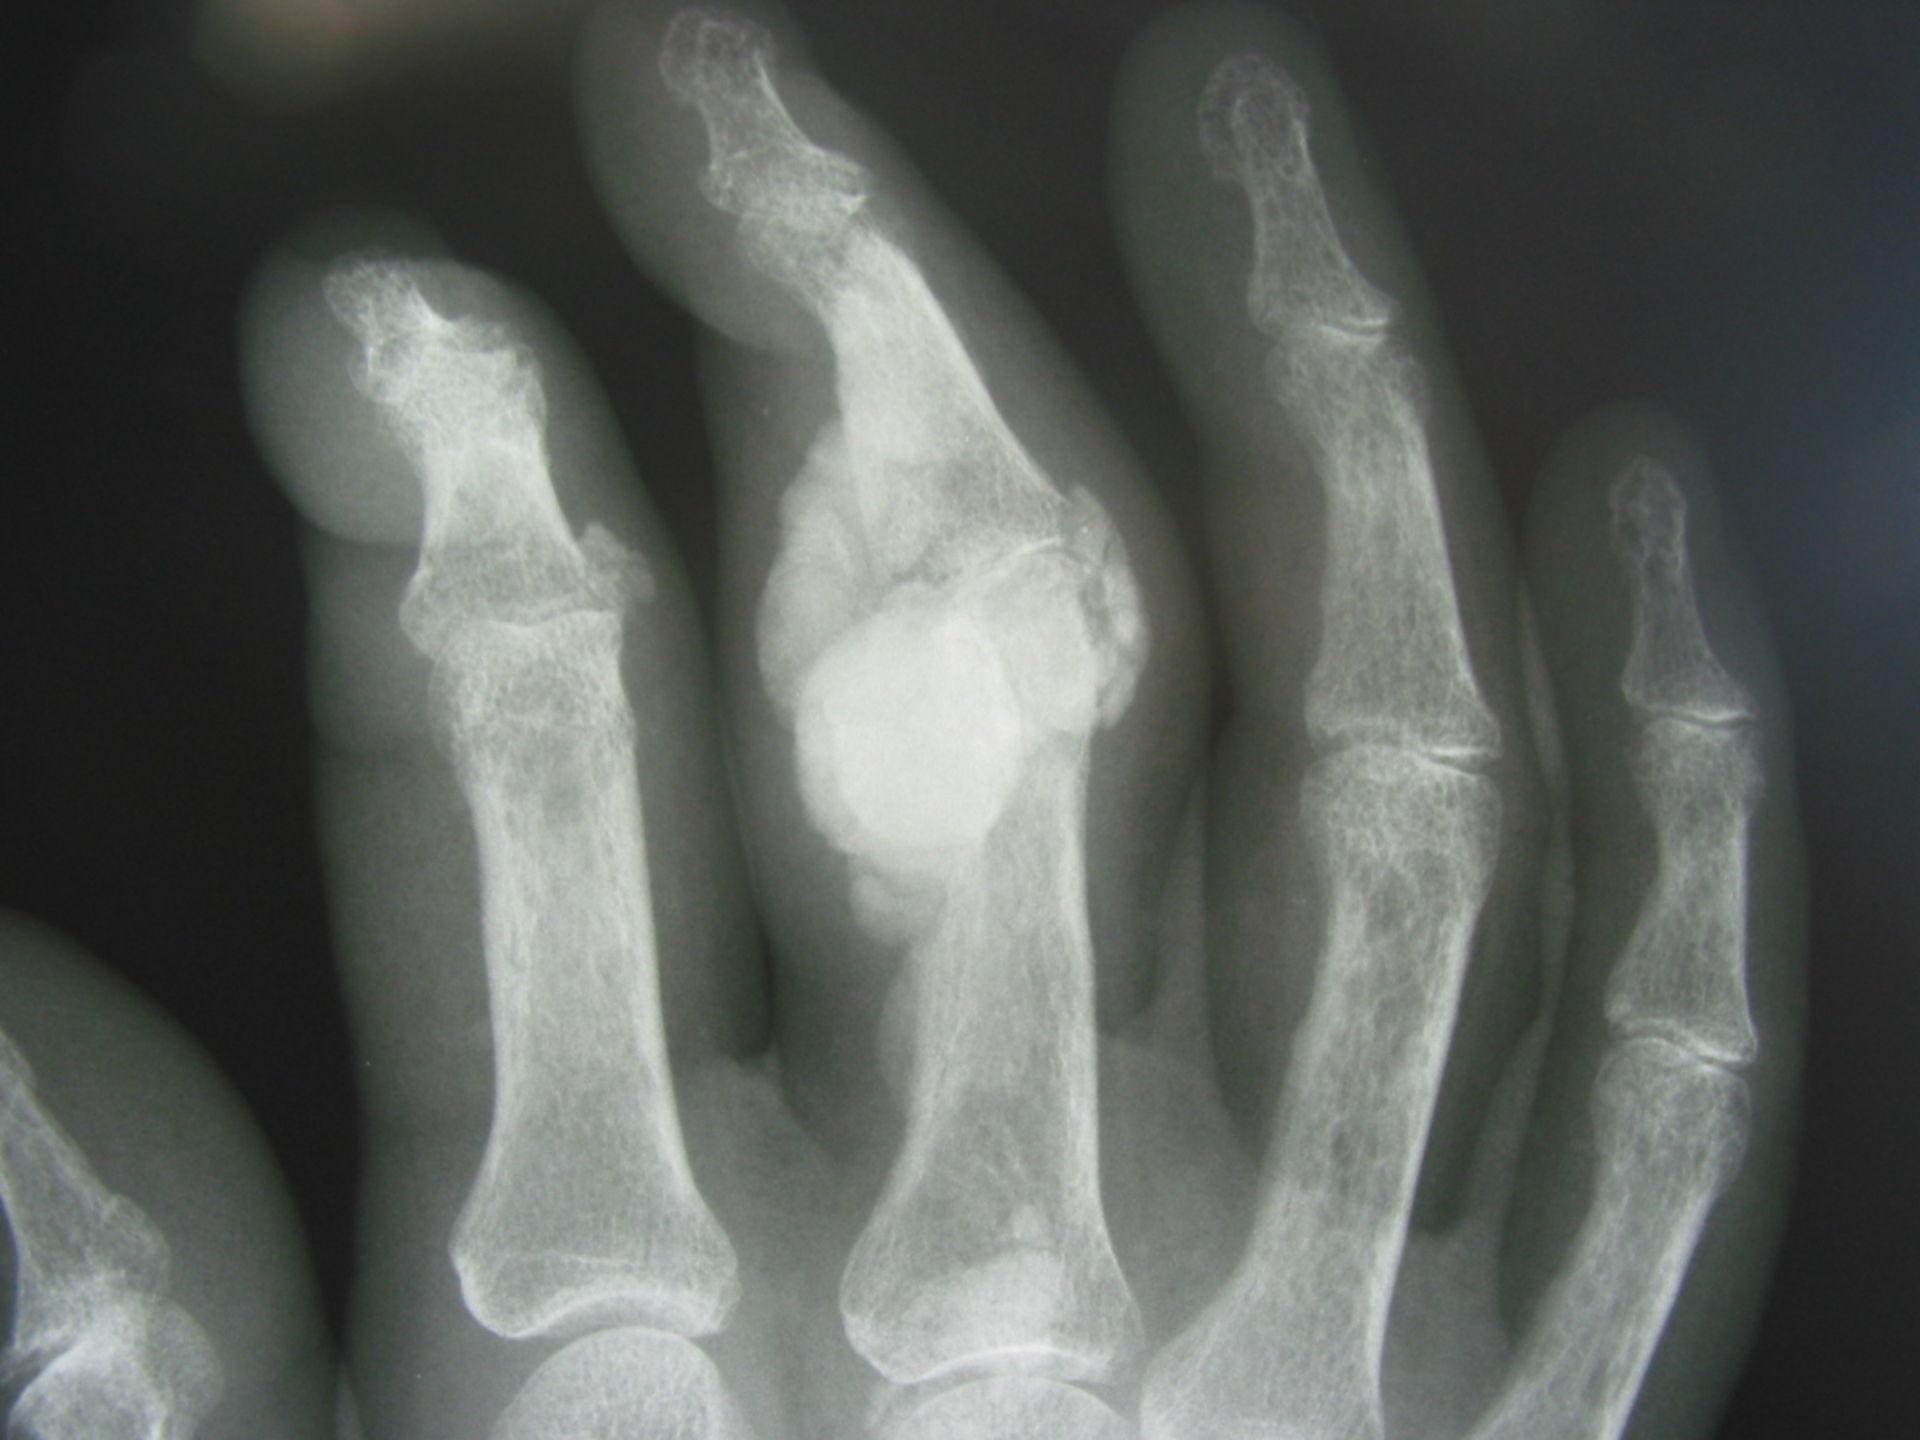 Tofo en dedo gotoso